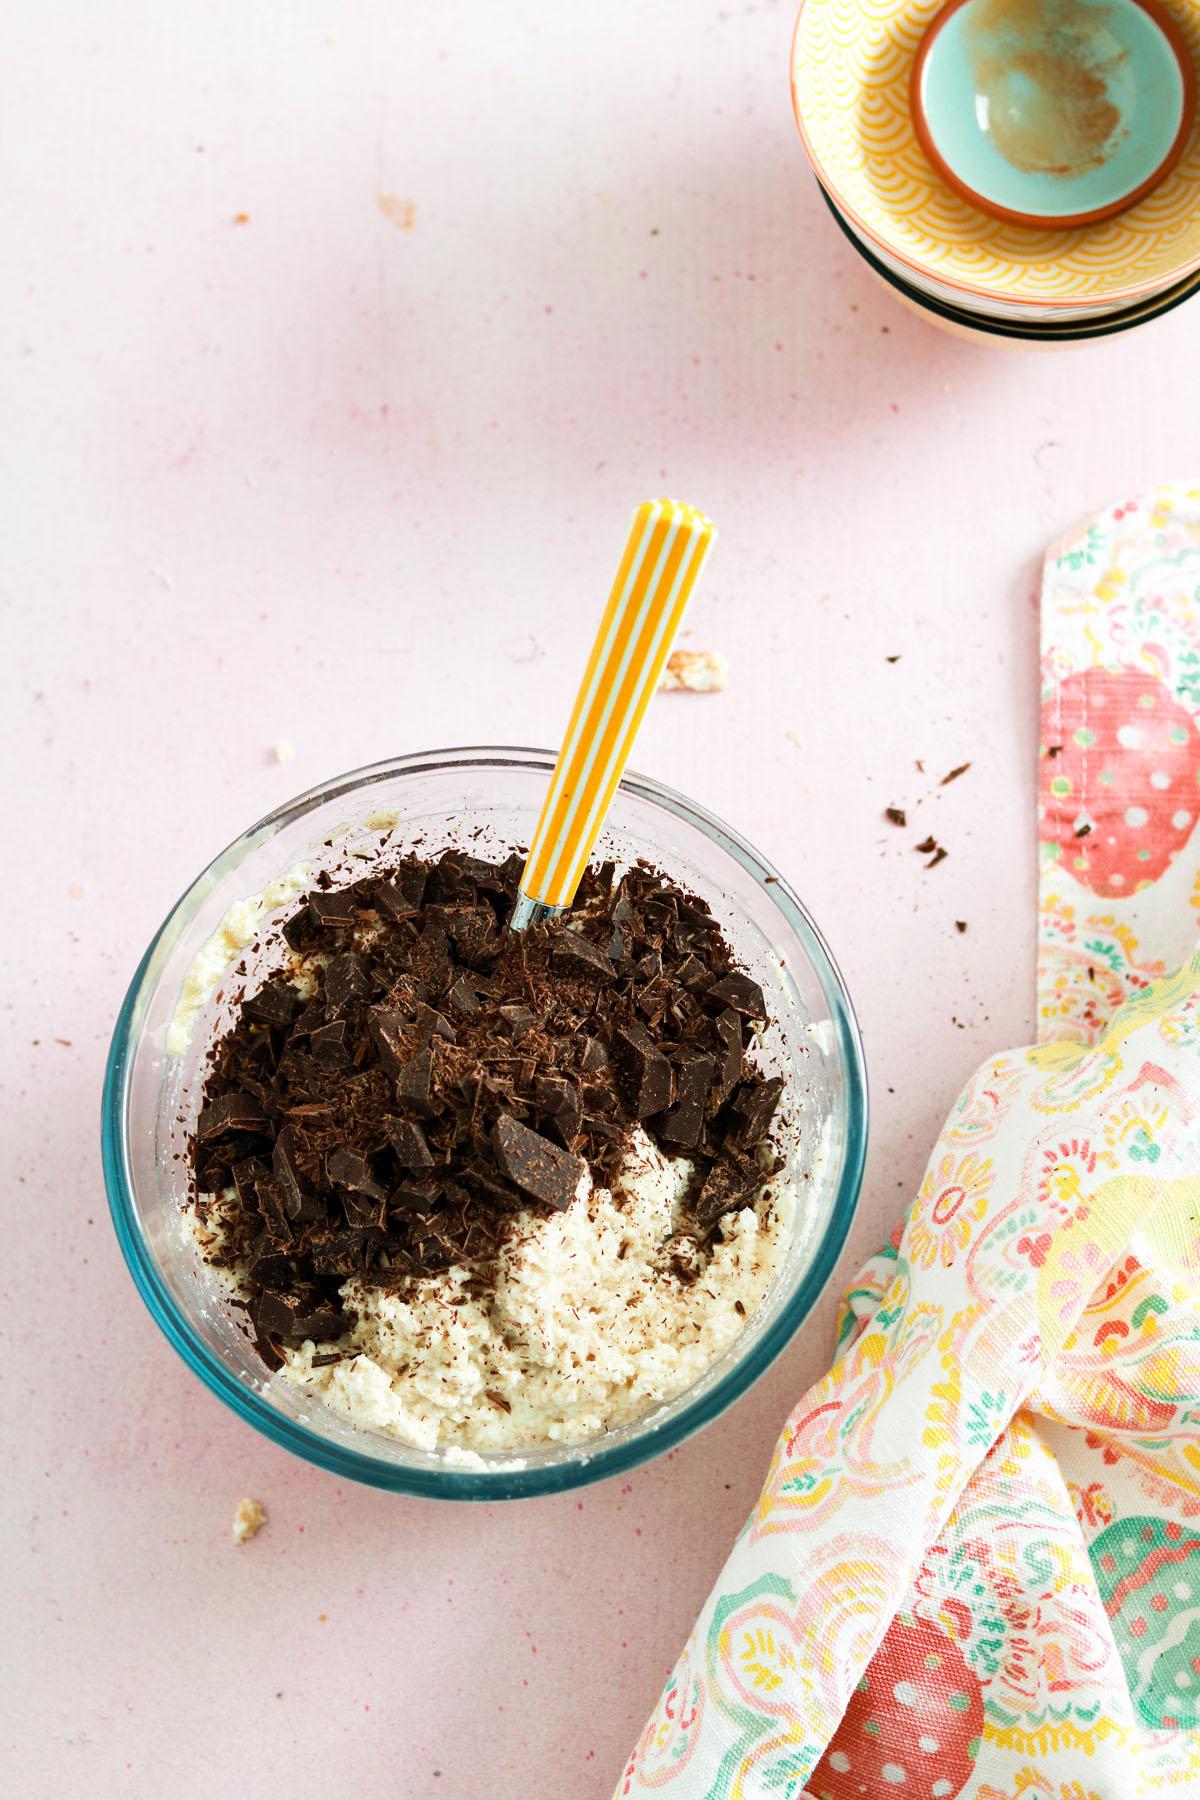 Crostata ricotta e cioccolato-mixing chocolate to ricotta in a bowl